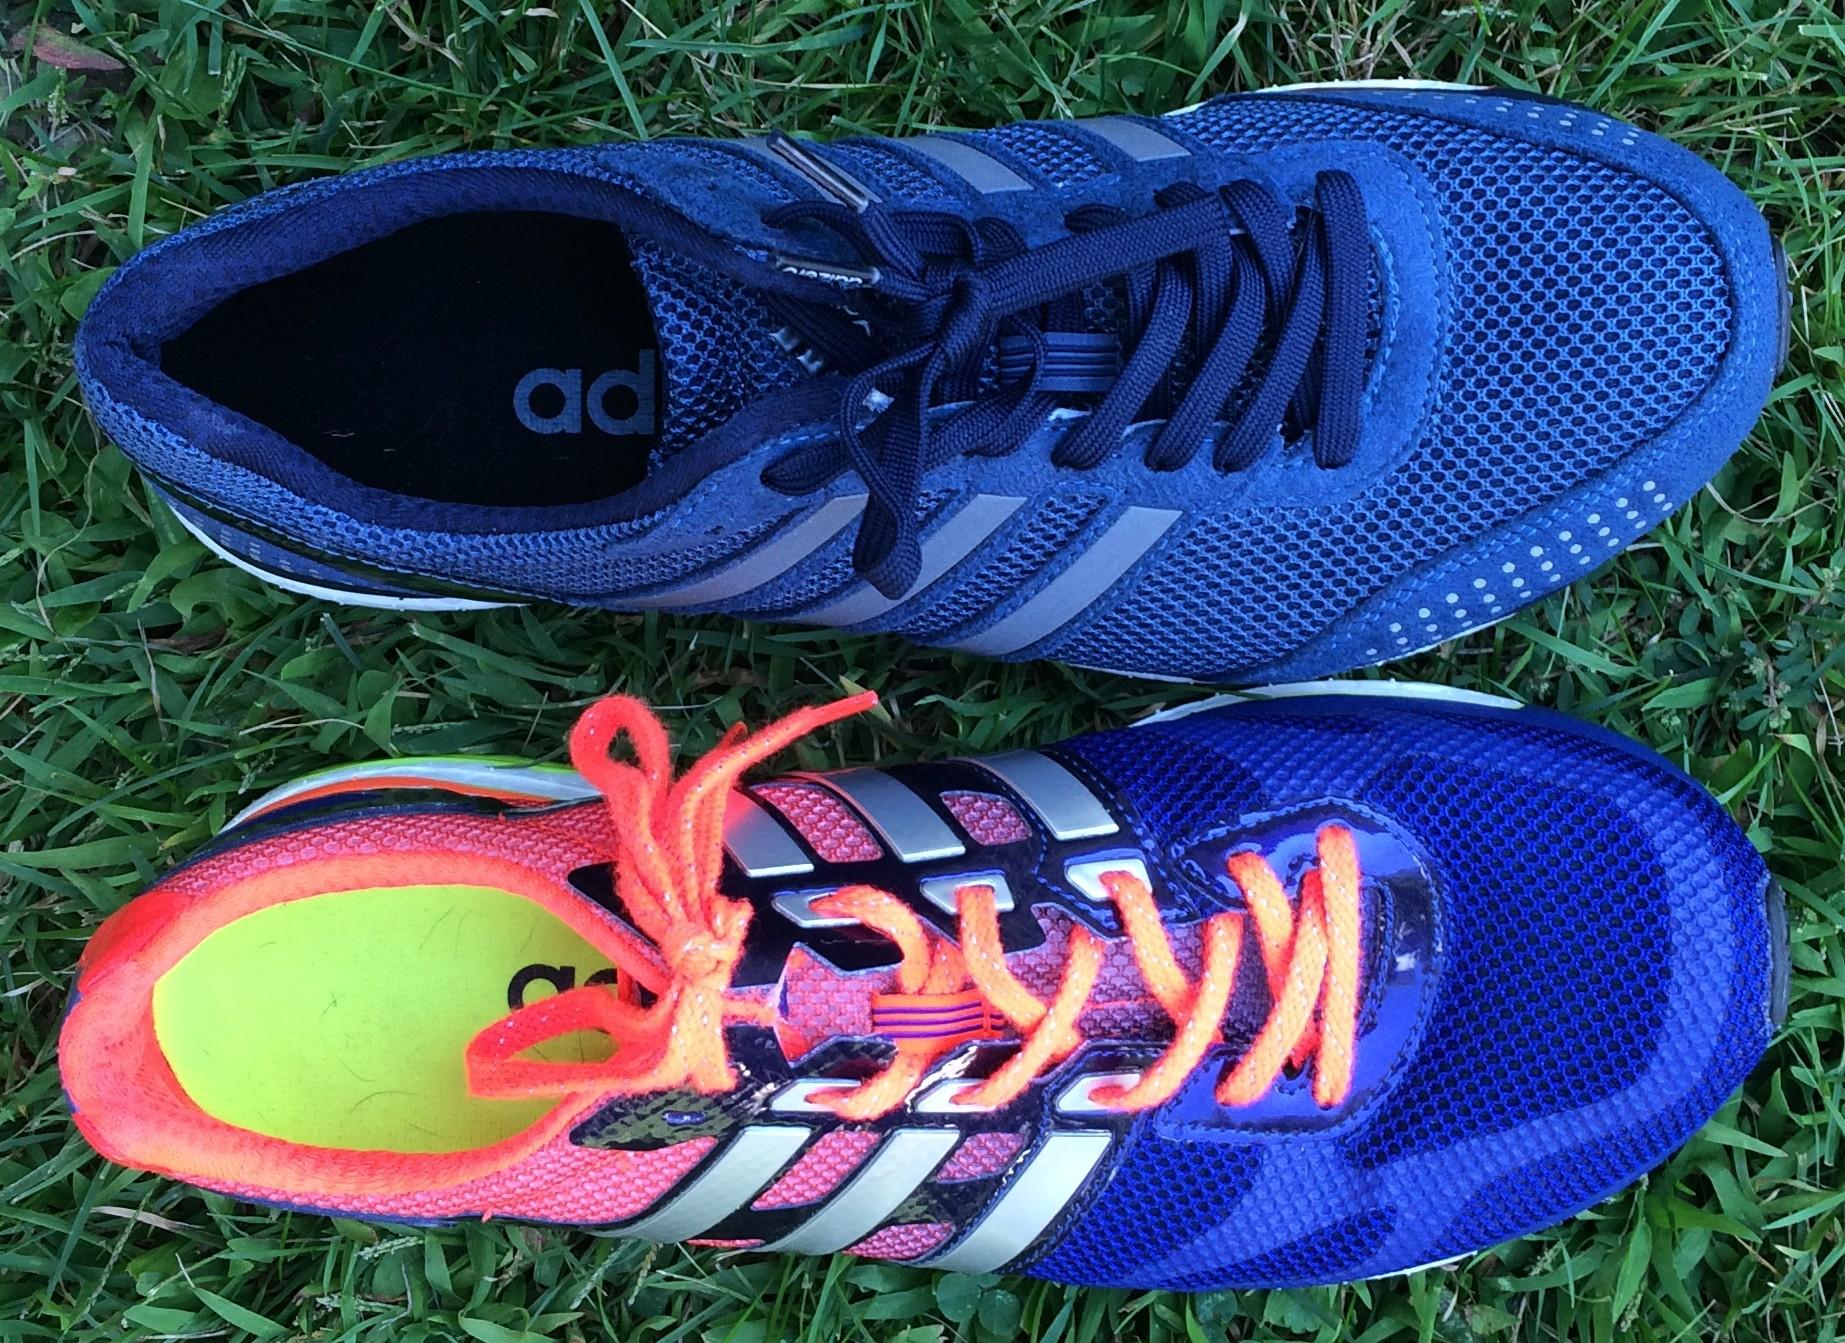 Adizero Adios Delle Donne Adidas Recensione Impulso 2 WDvAsqaR